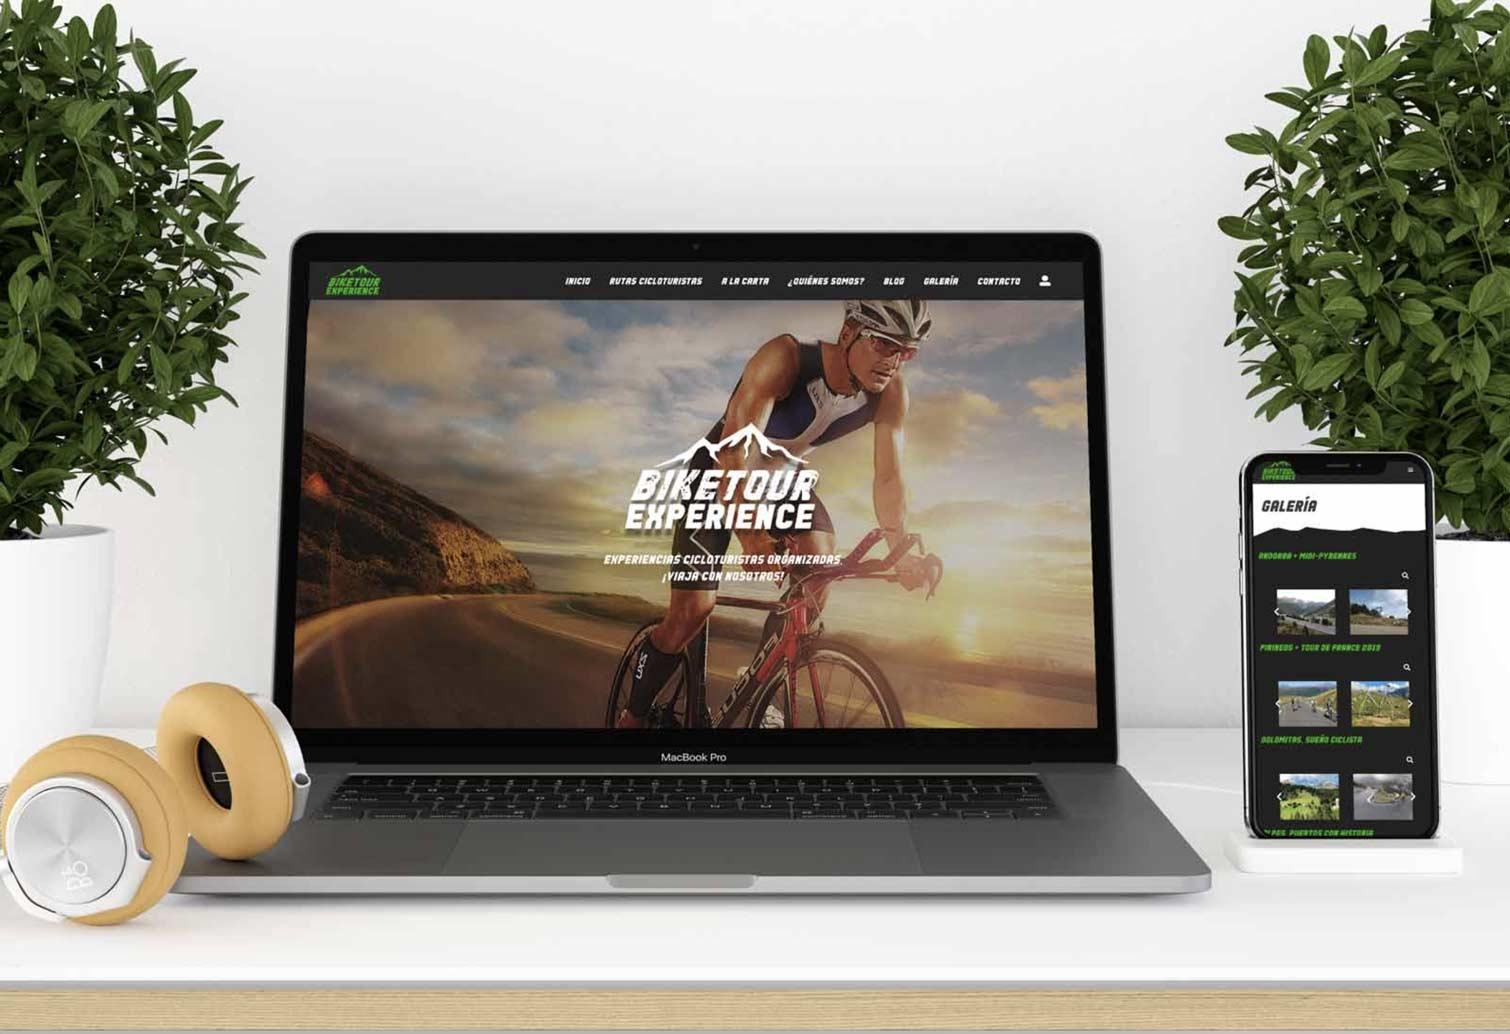 Imagen de la web corporativa de Bike tour experience